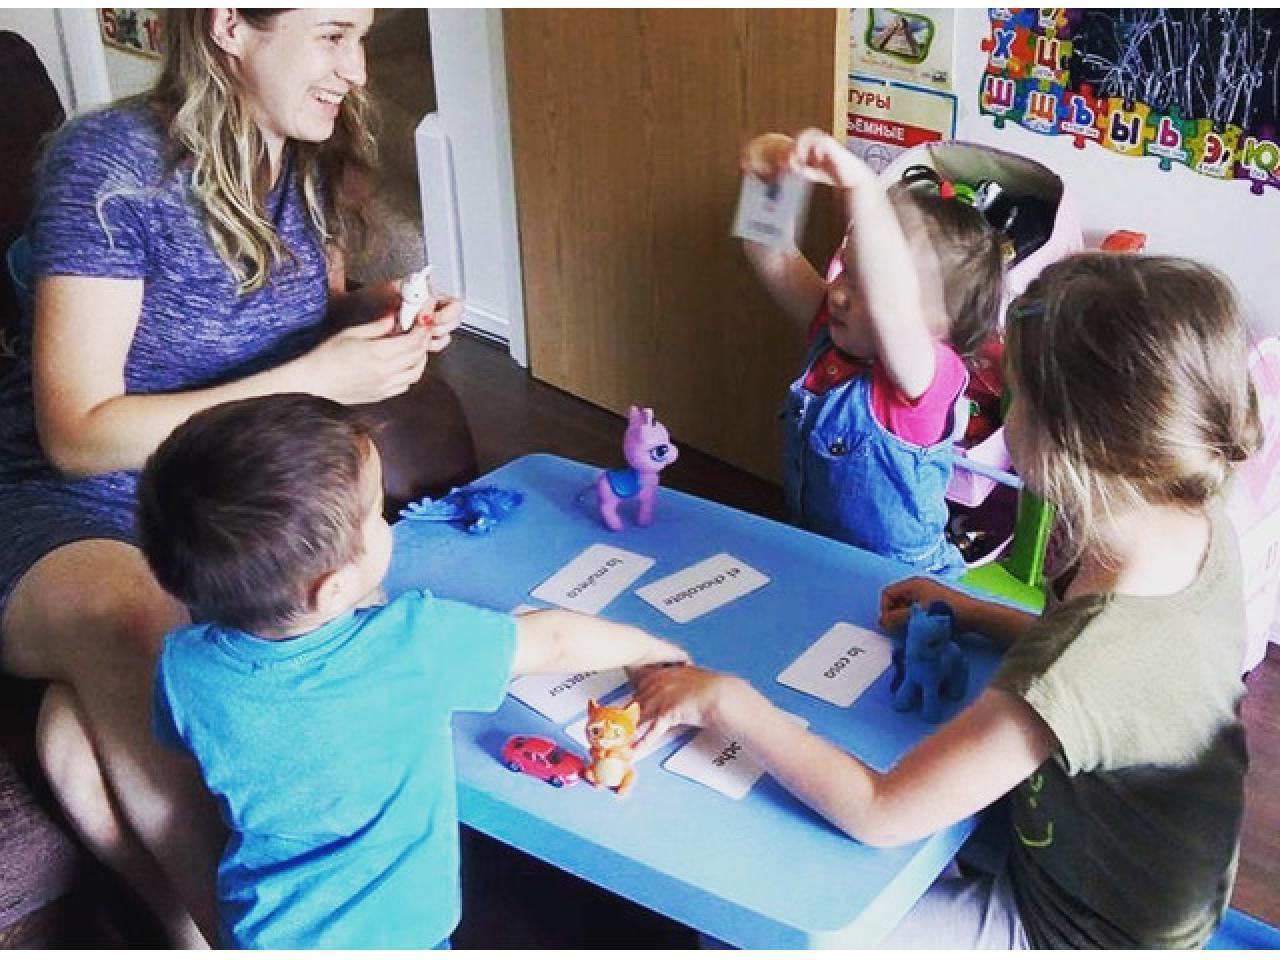 новый лингвистический домашний мини детский сад в Milton Keynes - 2